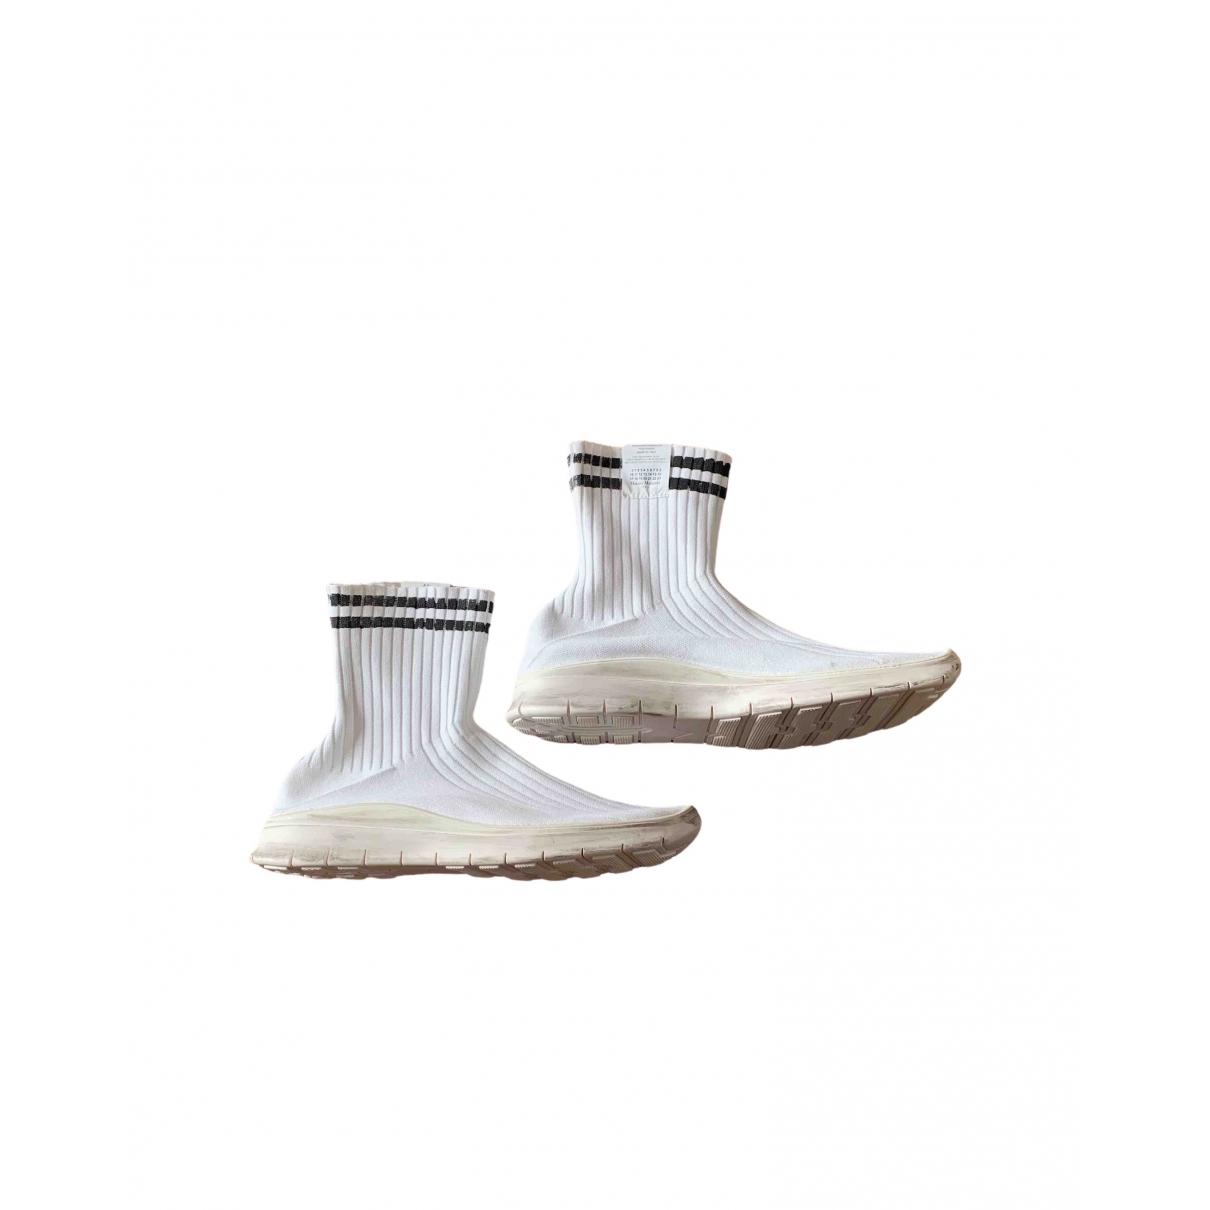 Maison Martin Margiela - Baskets   pour homme en toile - blanc